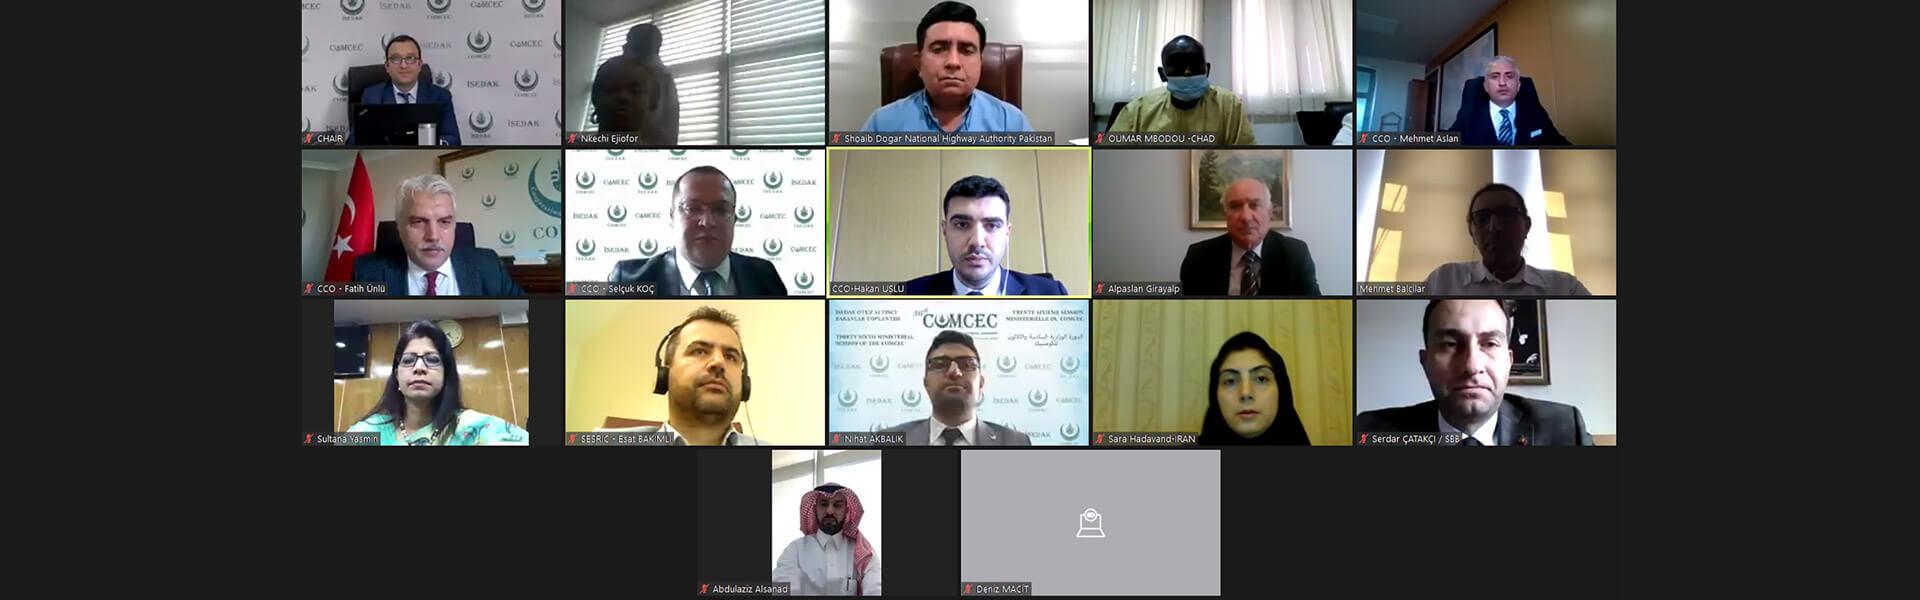 İSEDAK Ulaştırma ve İletişim Çalışma Grubu 17. Toplantısı gerçekleştirilmiştir